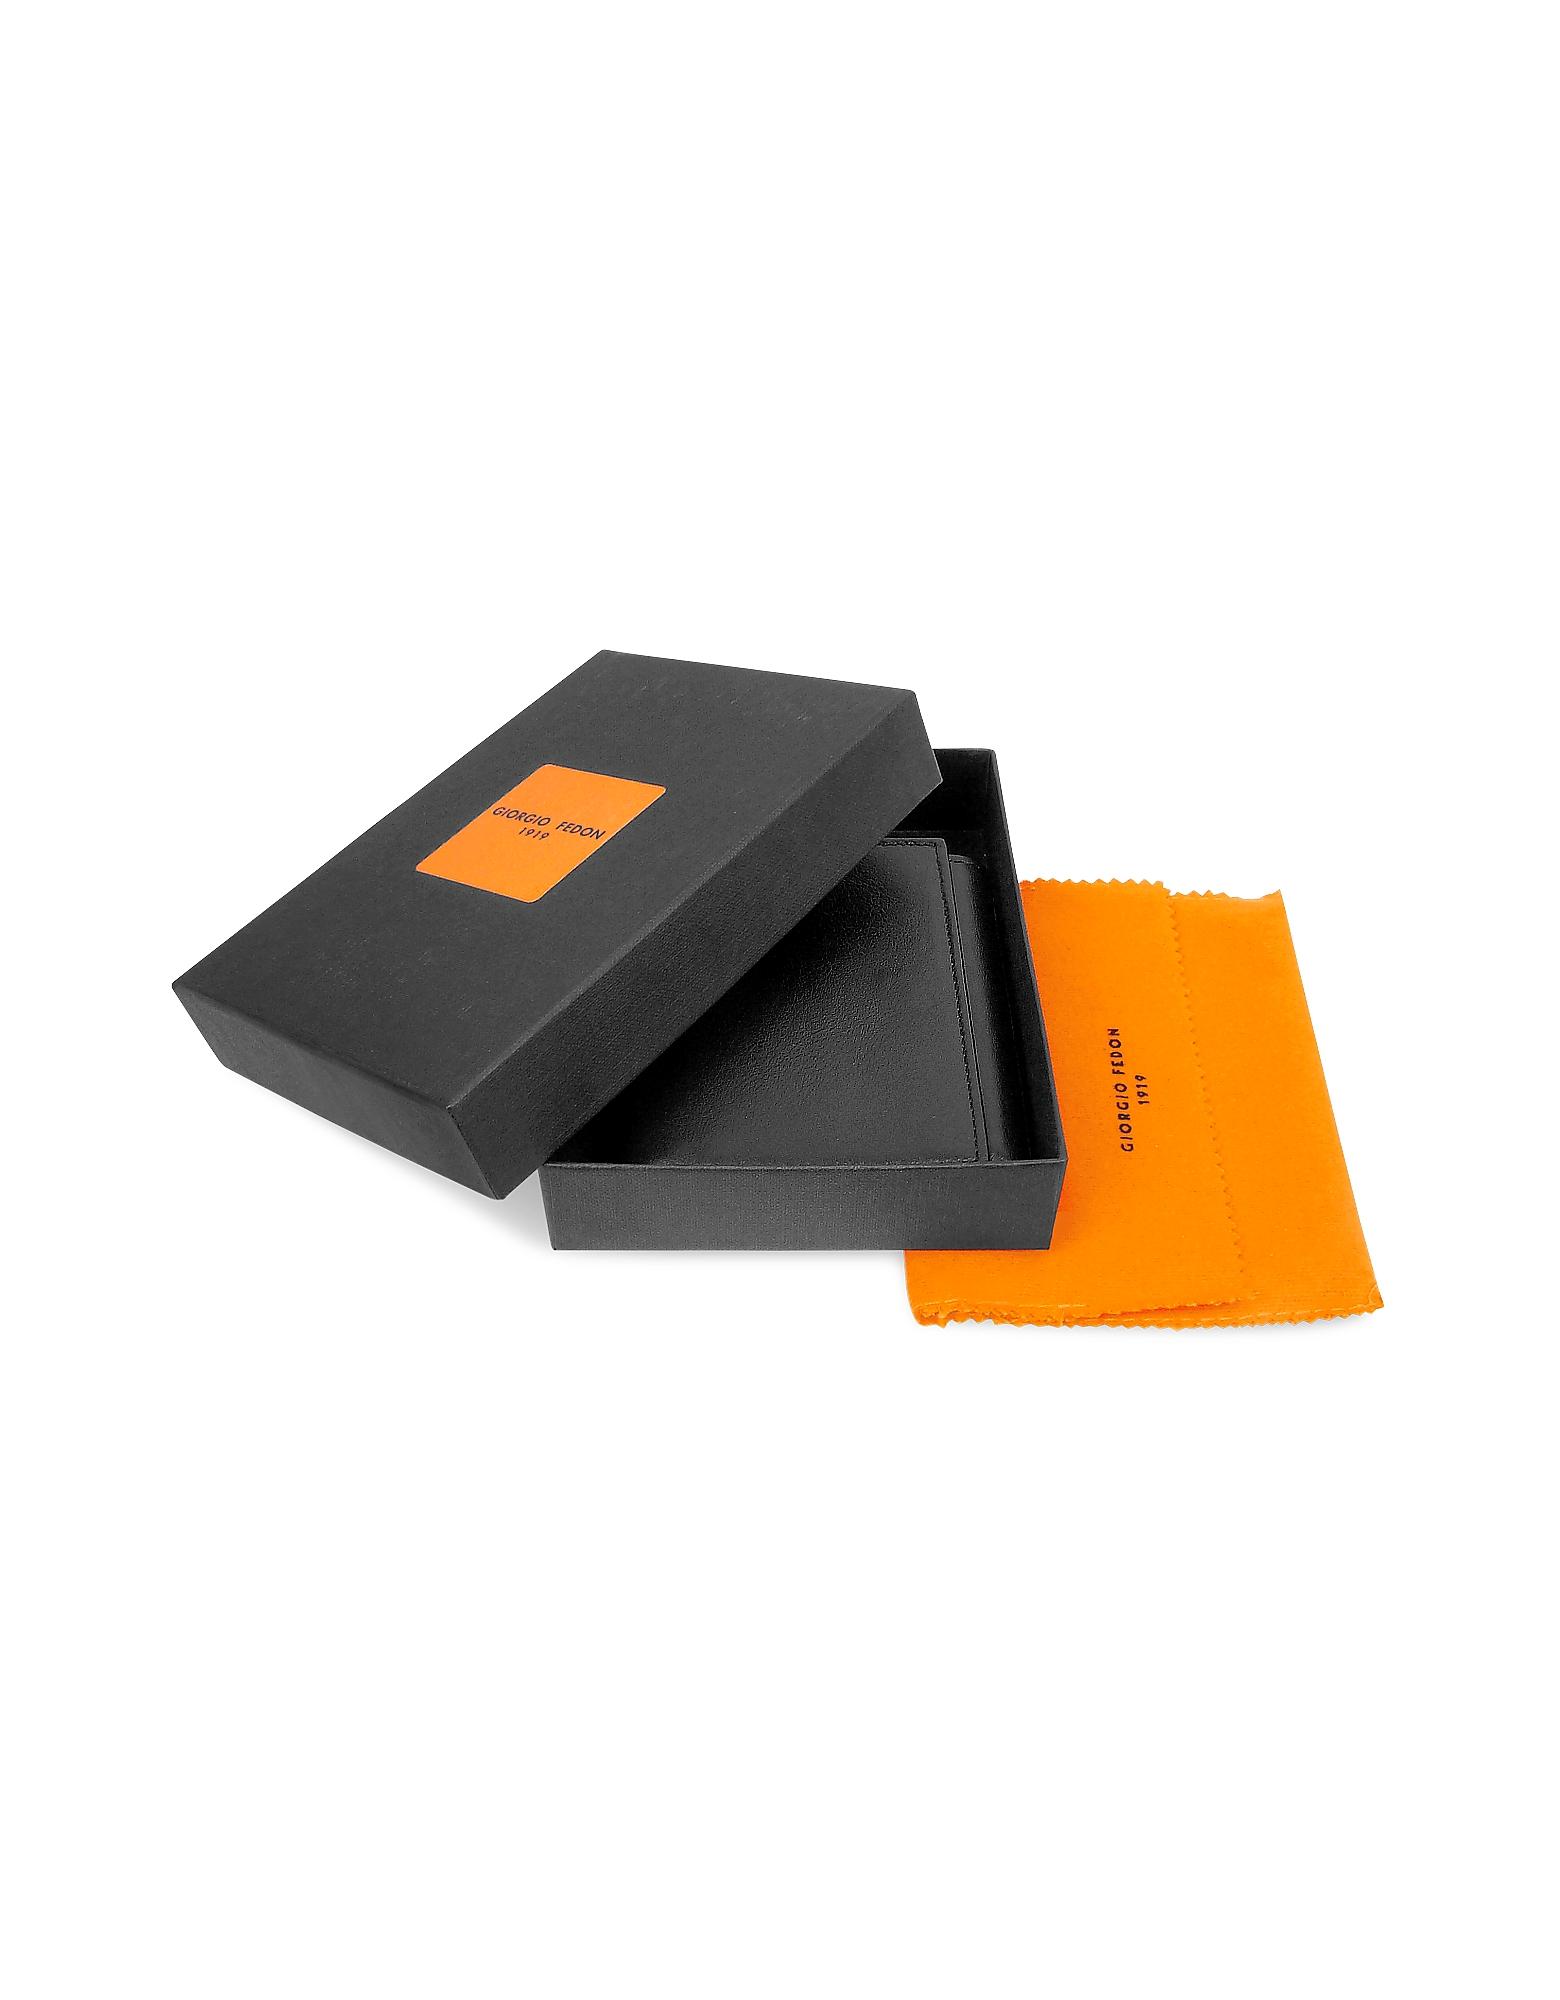 Classica - Women's Black Calfskin Small Trifold Wallet от Forzieri.com INT